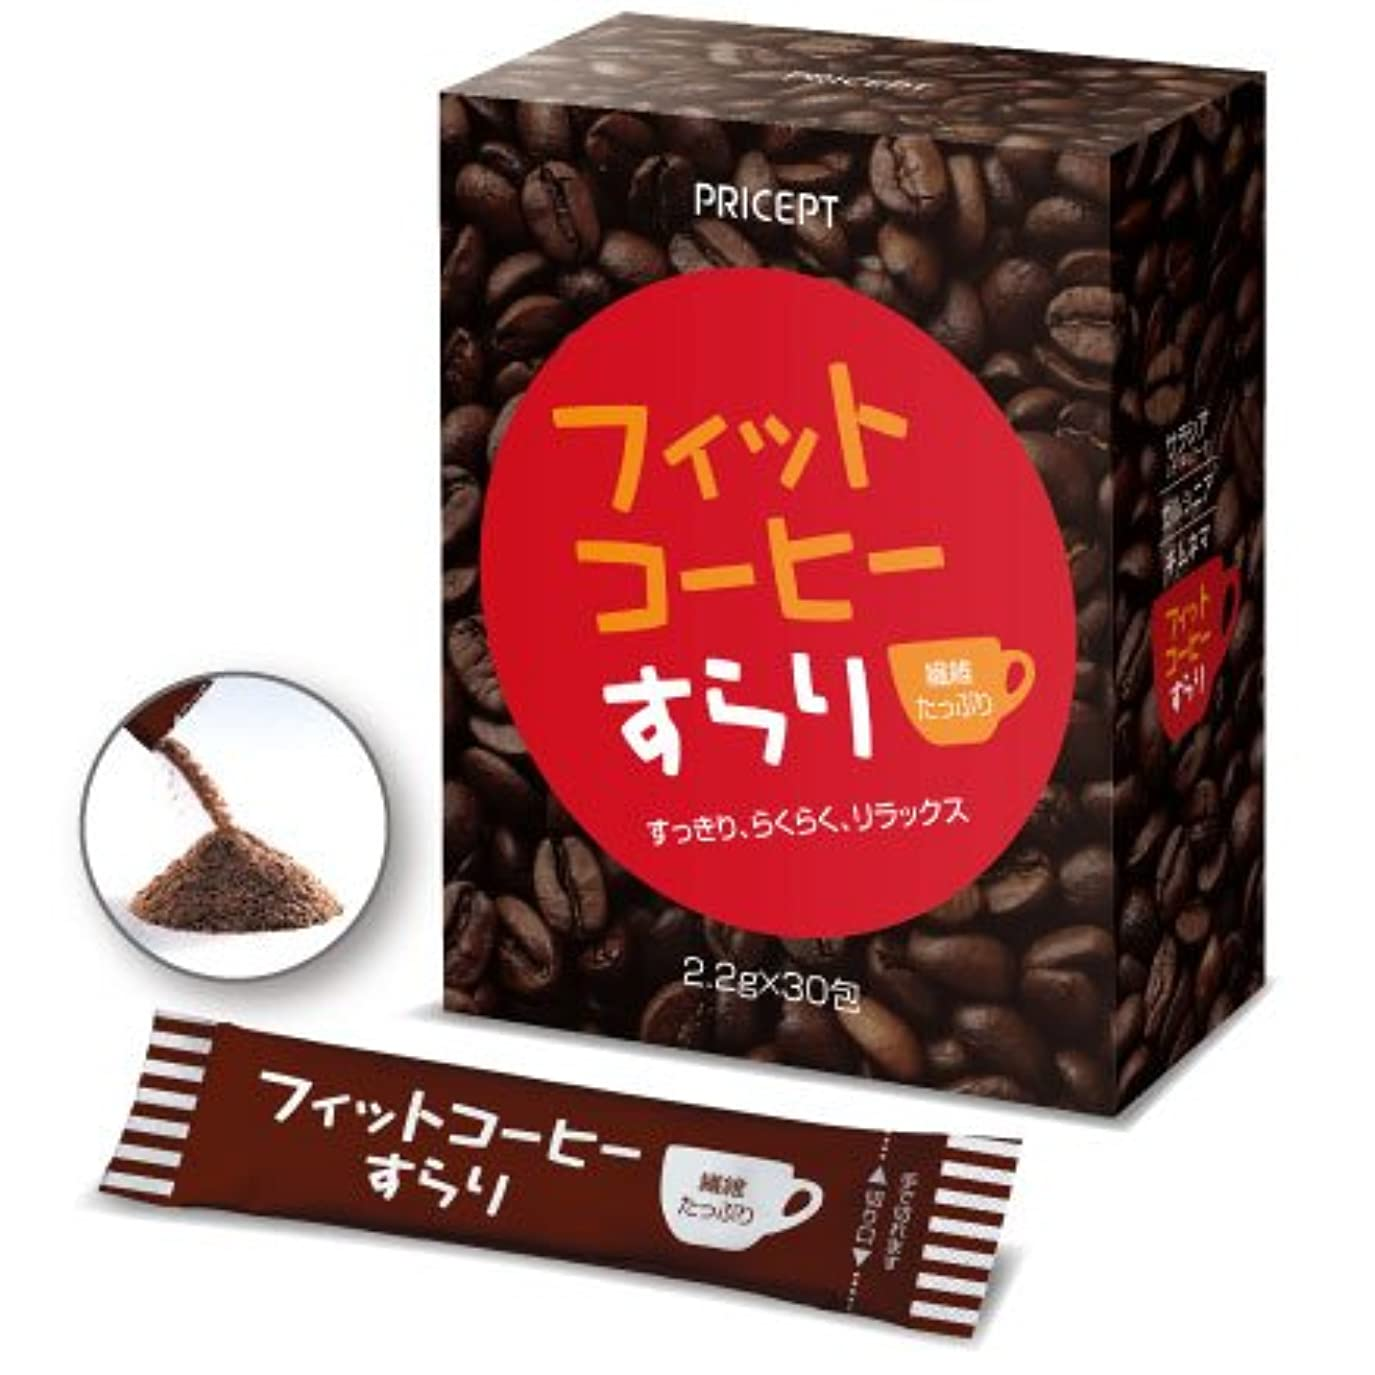 読みやすさ交差点手当プリセプト フィットコーヒーすらり 30包【単品】(ダイエットサポートコーヒー)